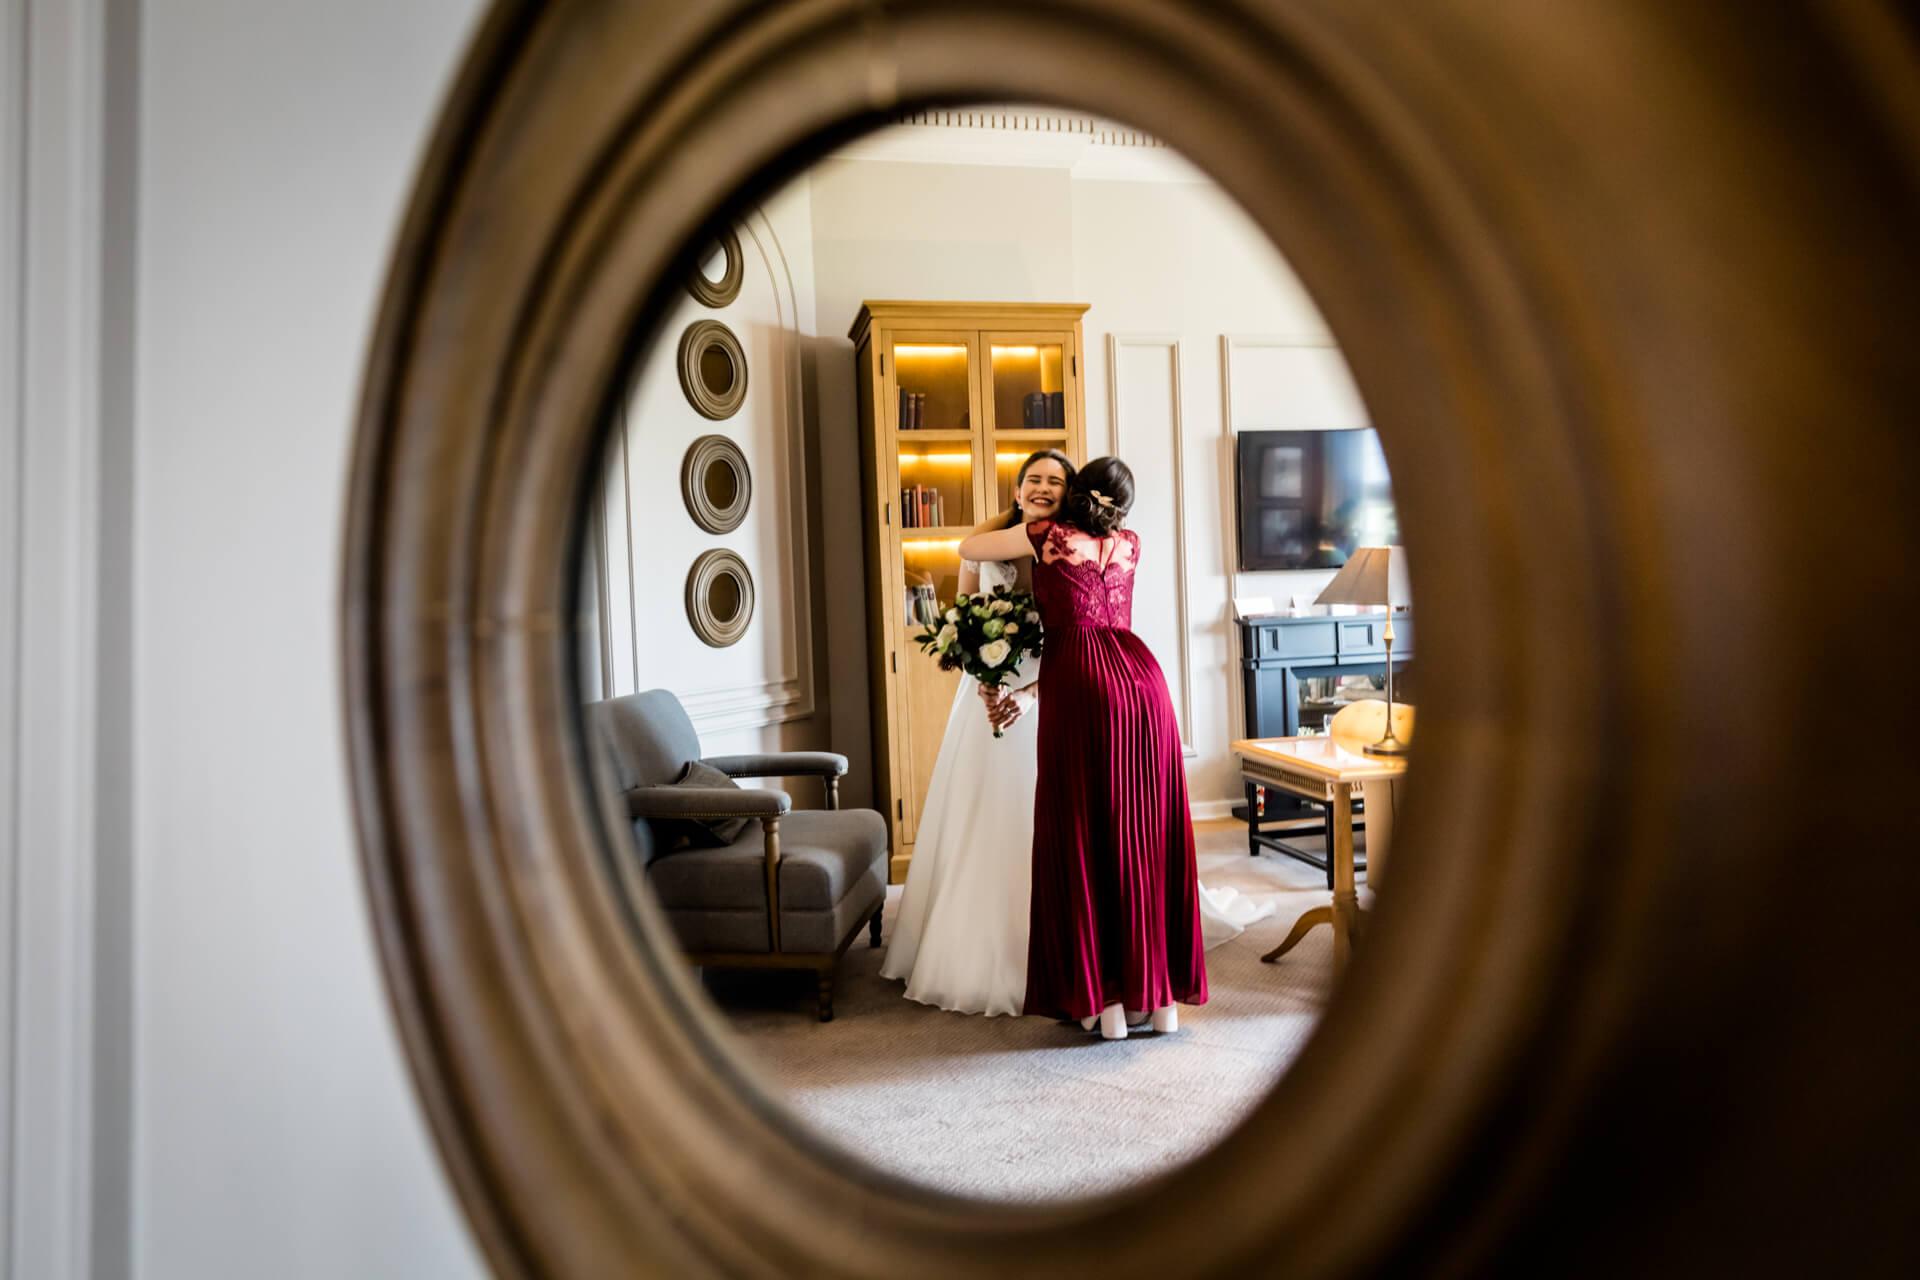 mirror reflection of a bridesmaid hugging the bride